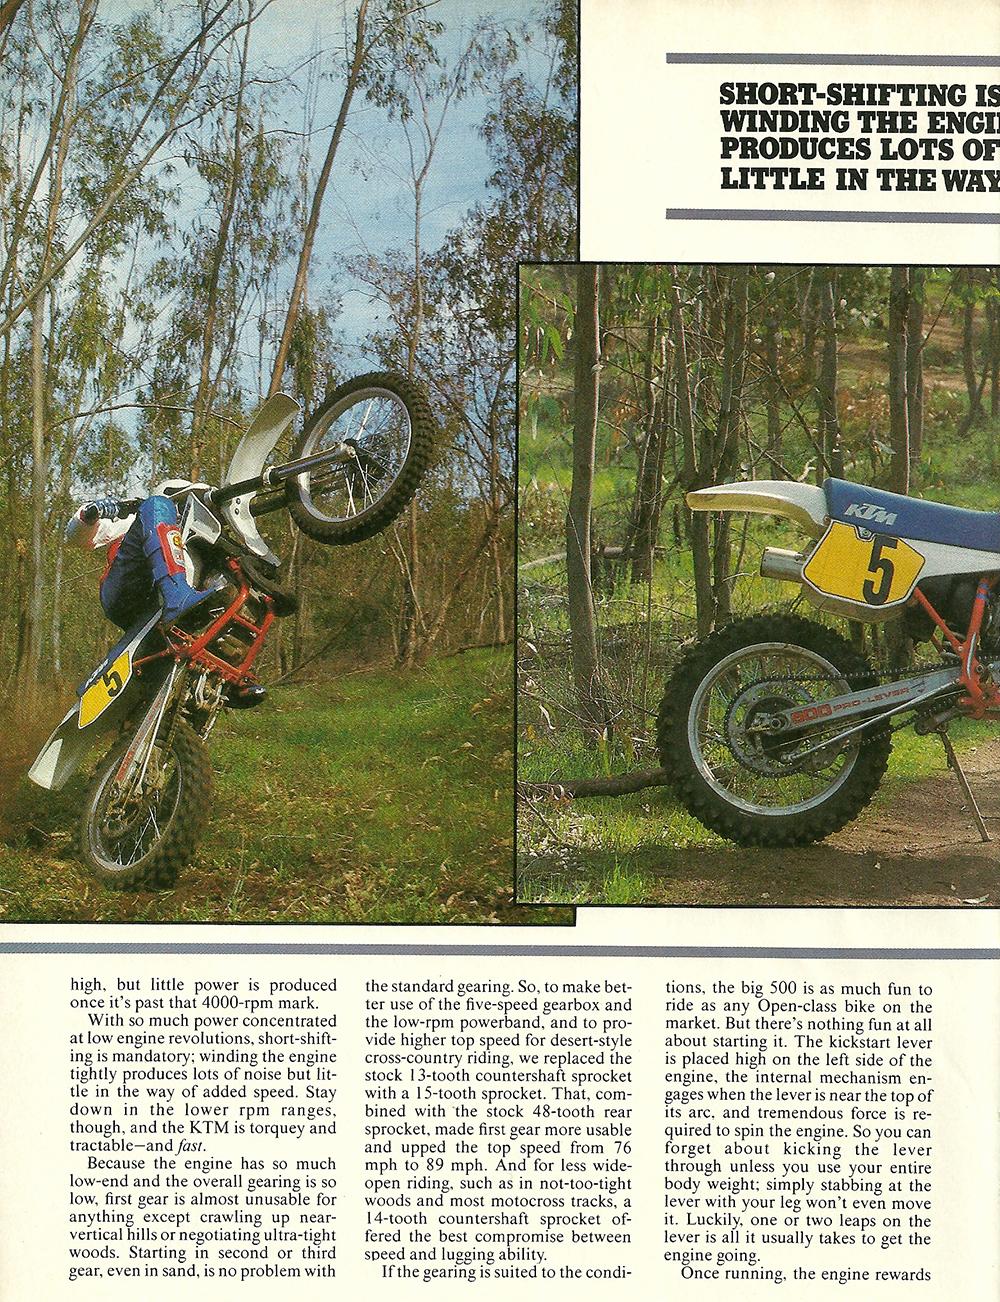 1985 KTM 500 MXC road test 03.jpg